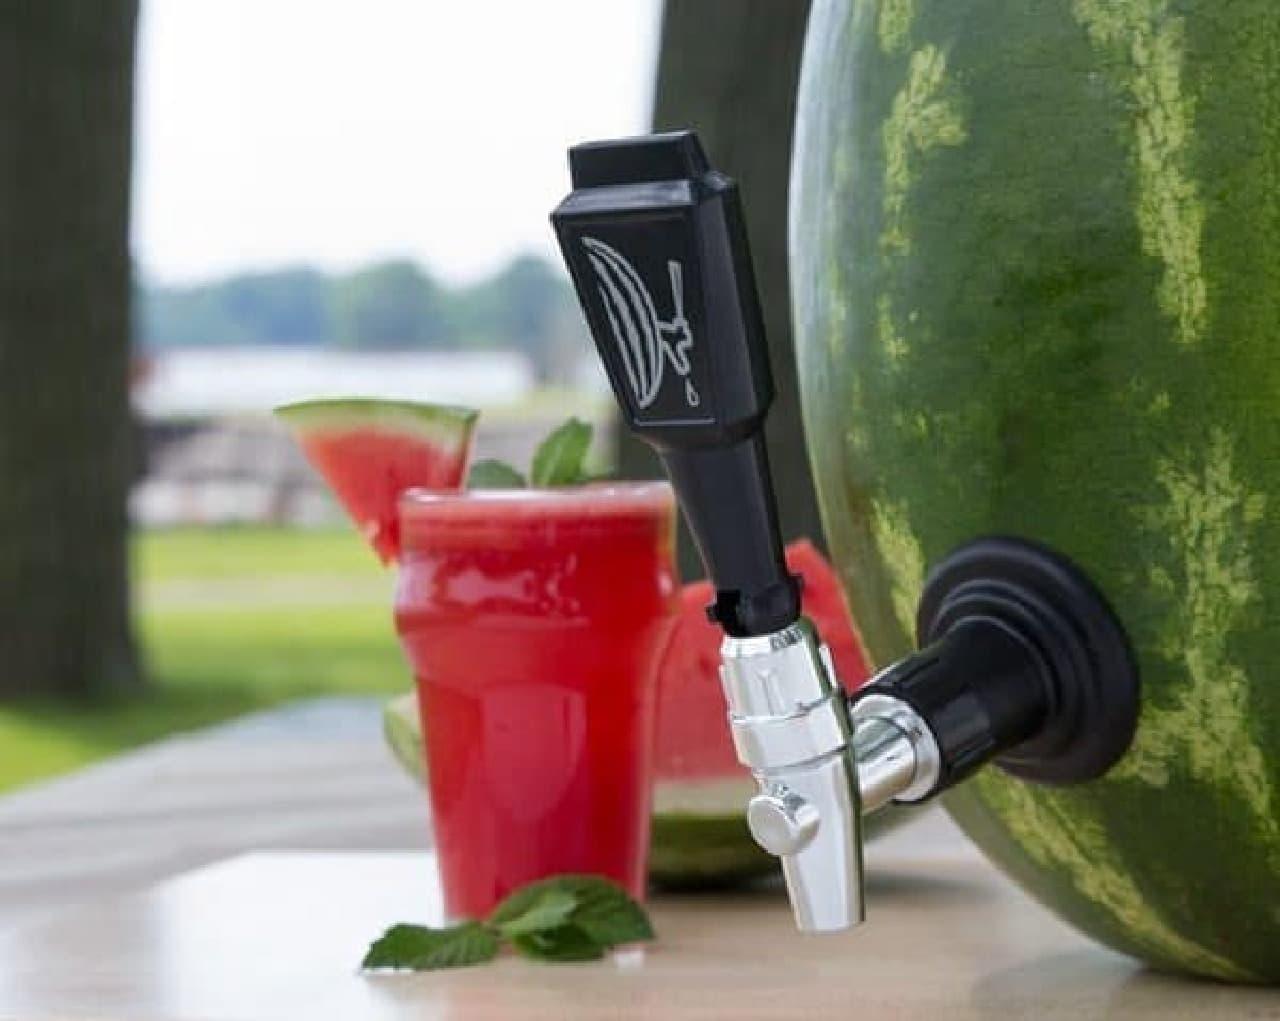 「Deluxe Watermelon Tap Kit」は、スイカに取り付け可能なドリンクサーバー  どう見ても、「スイカジュース」が出てきそう?